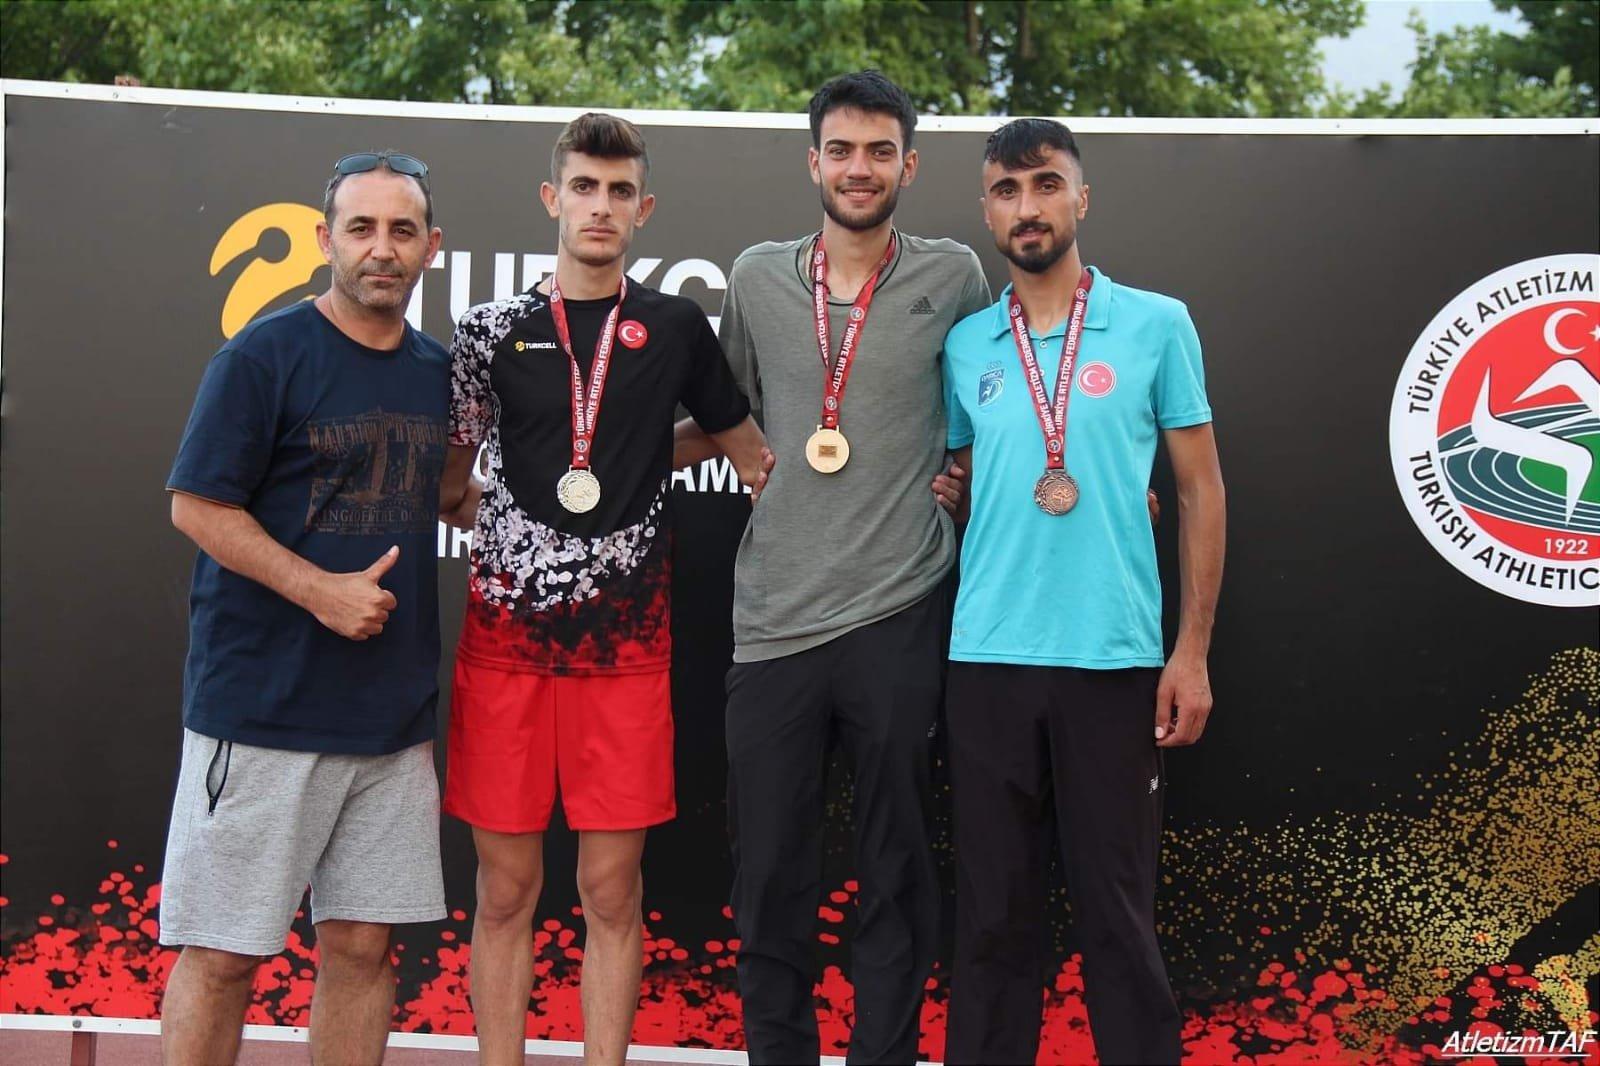 Darıca'lı atletlerden 4 madalya